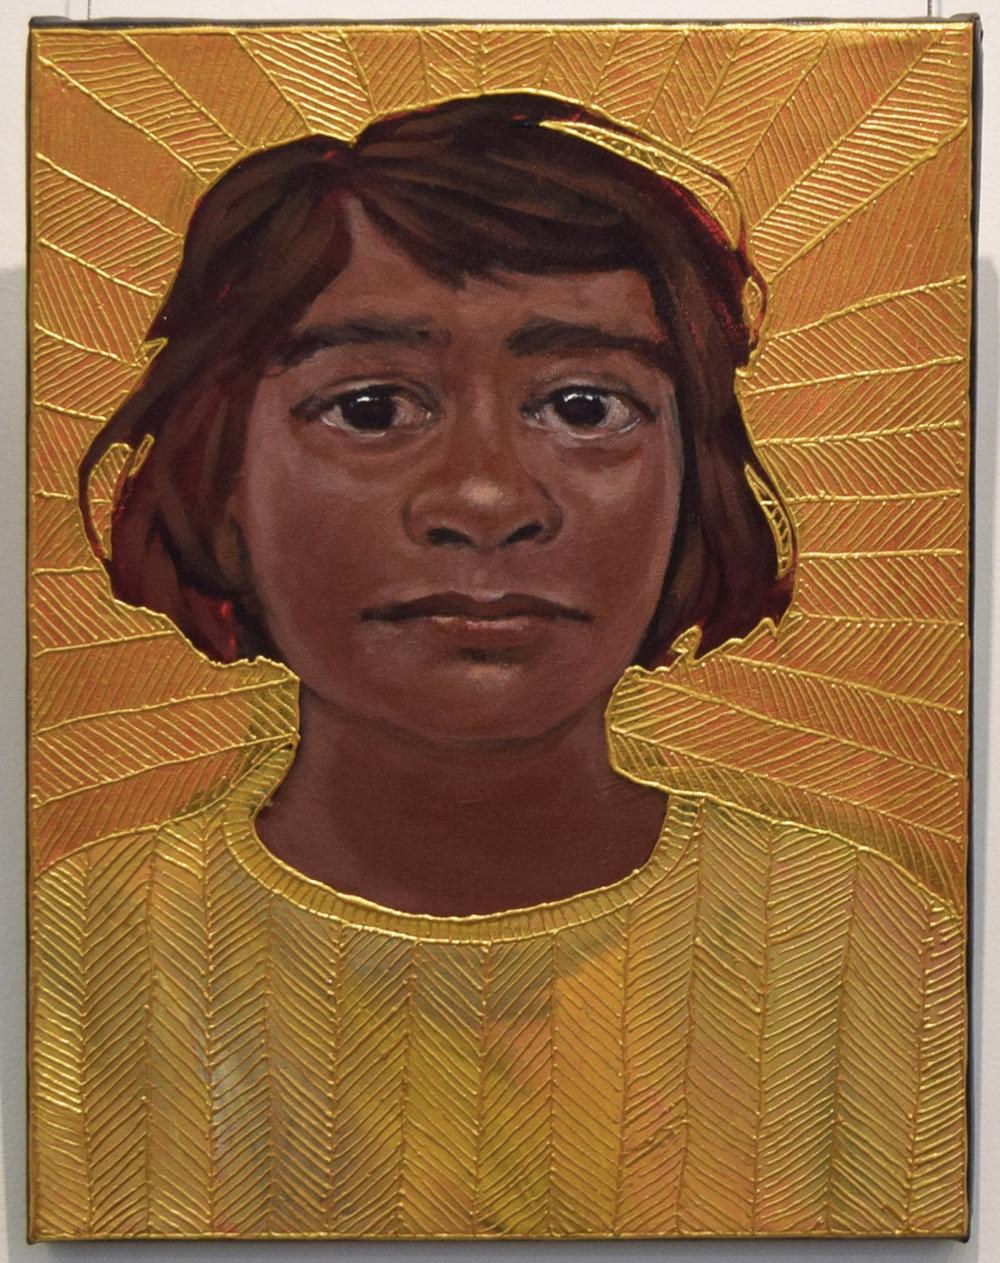 19. Julie Dowling, Marugundi (Tomorrow), 2018, acrylic, mica gold on canvas, 30 x 40 cm, $2,000